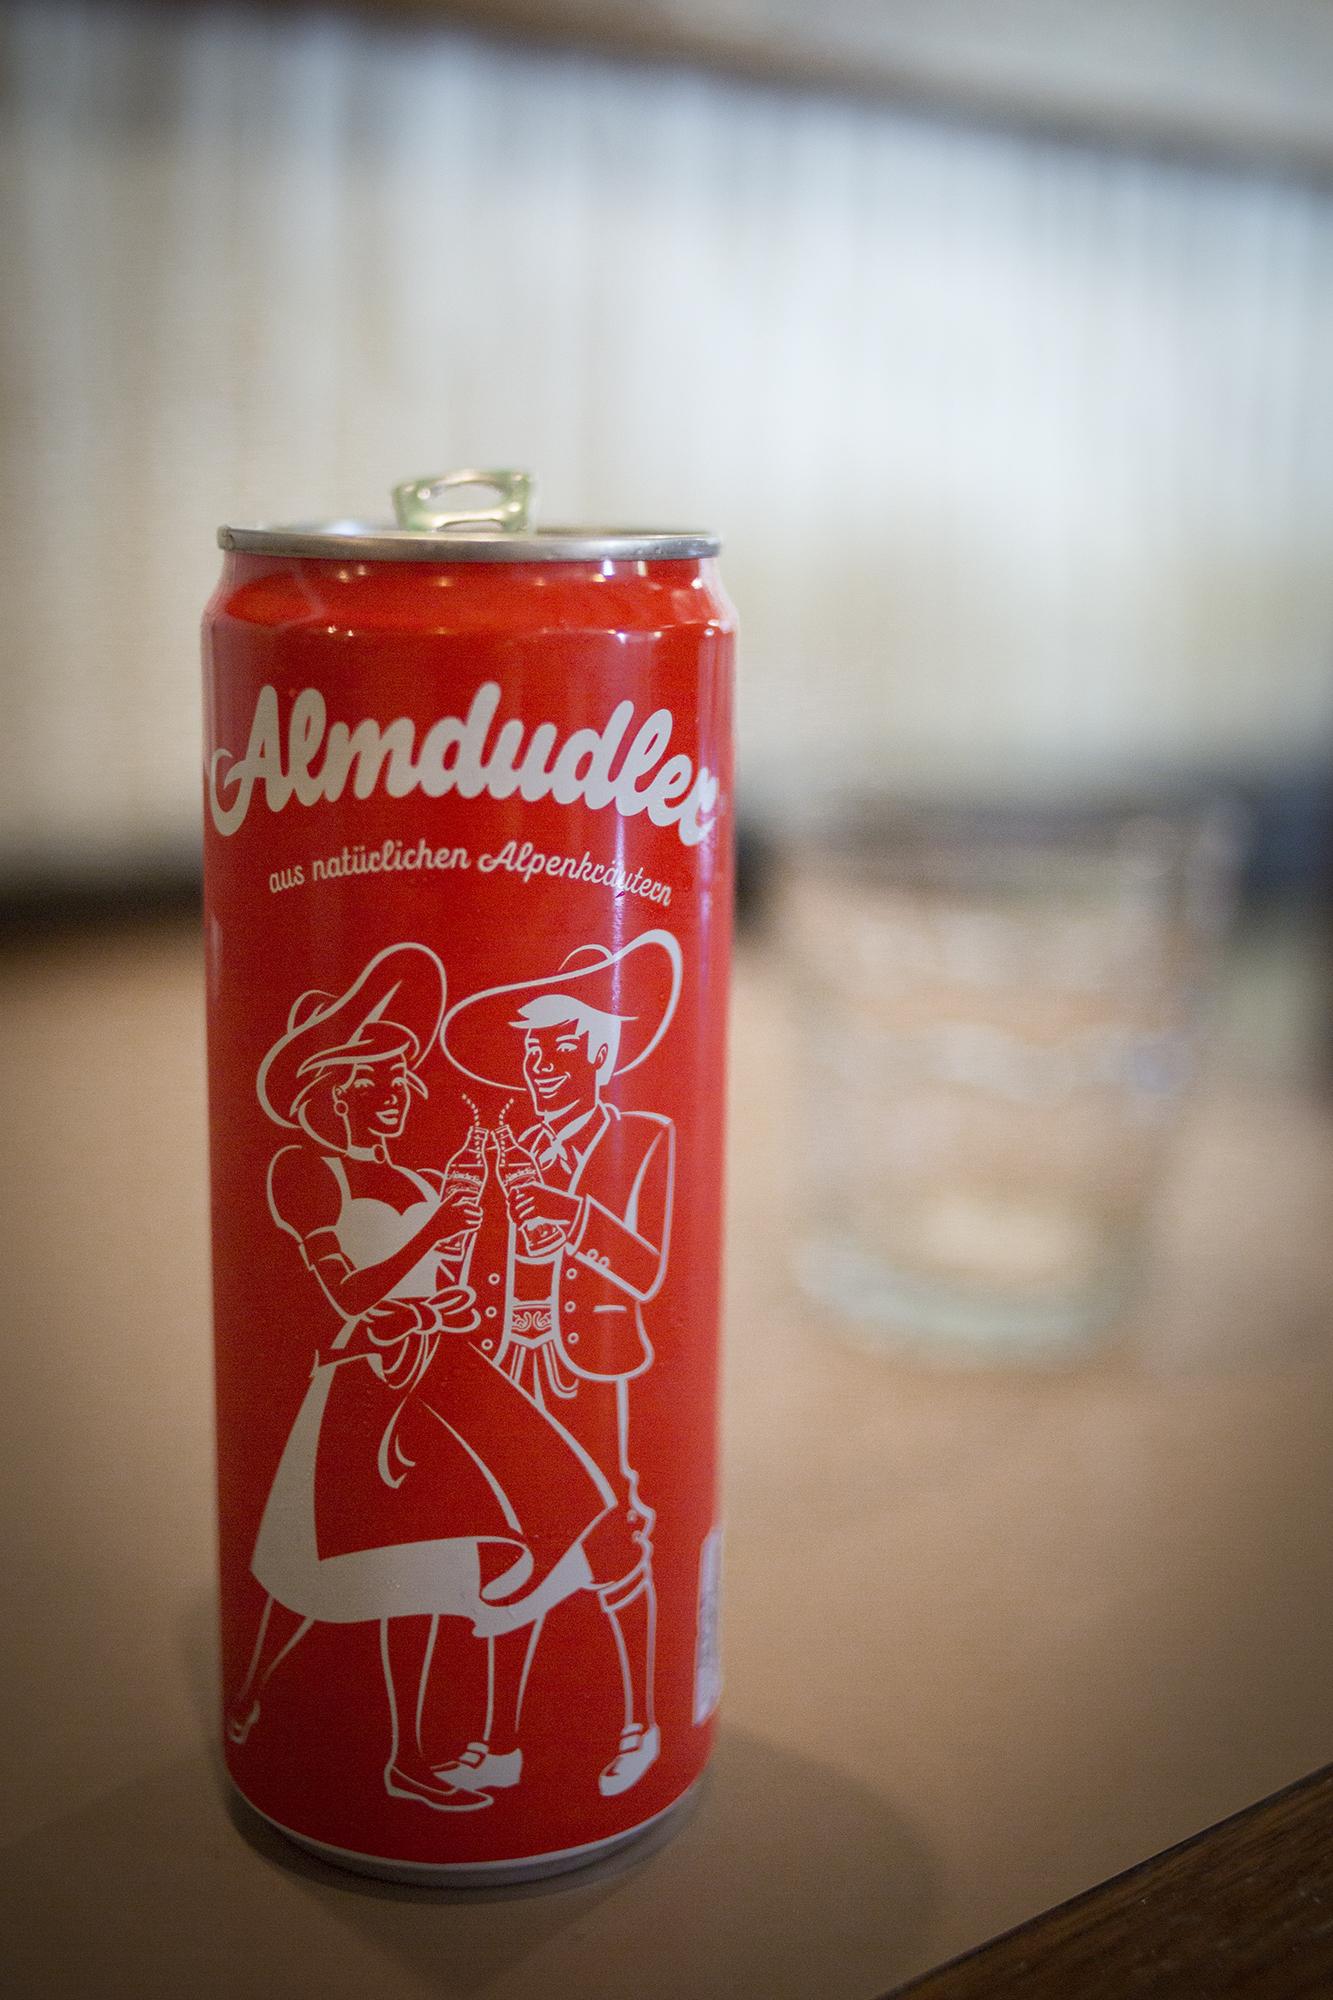 Almdudler's Austrian Lemonade